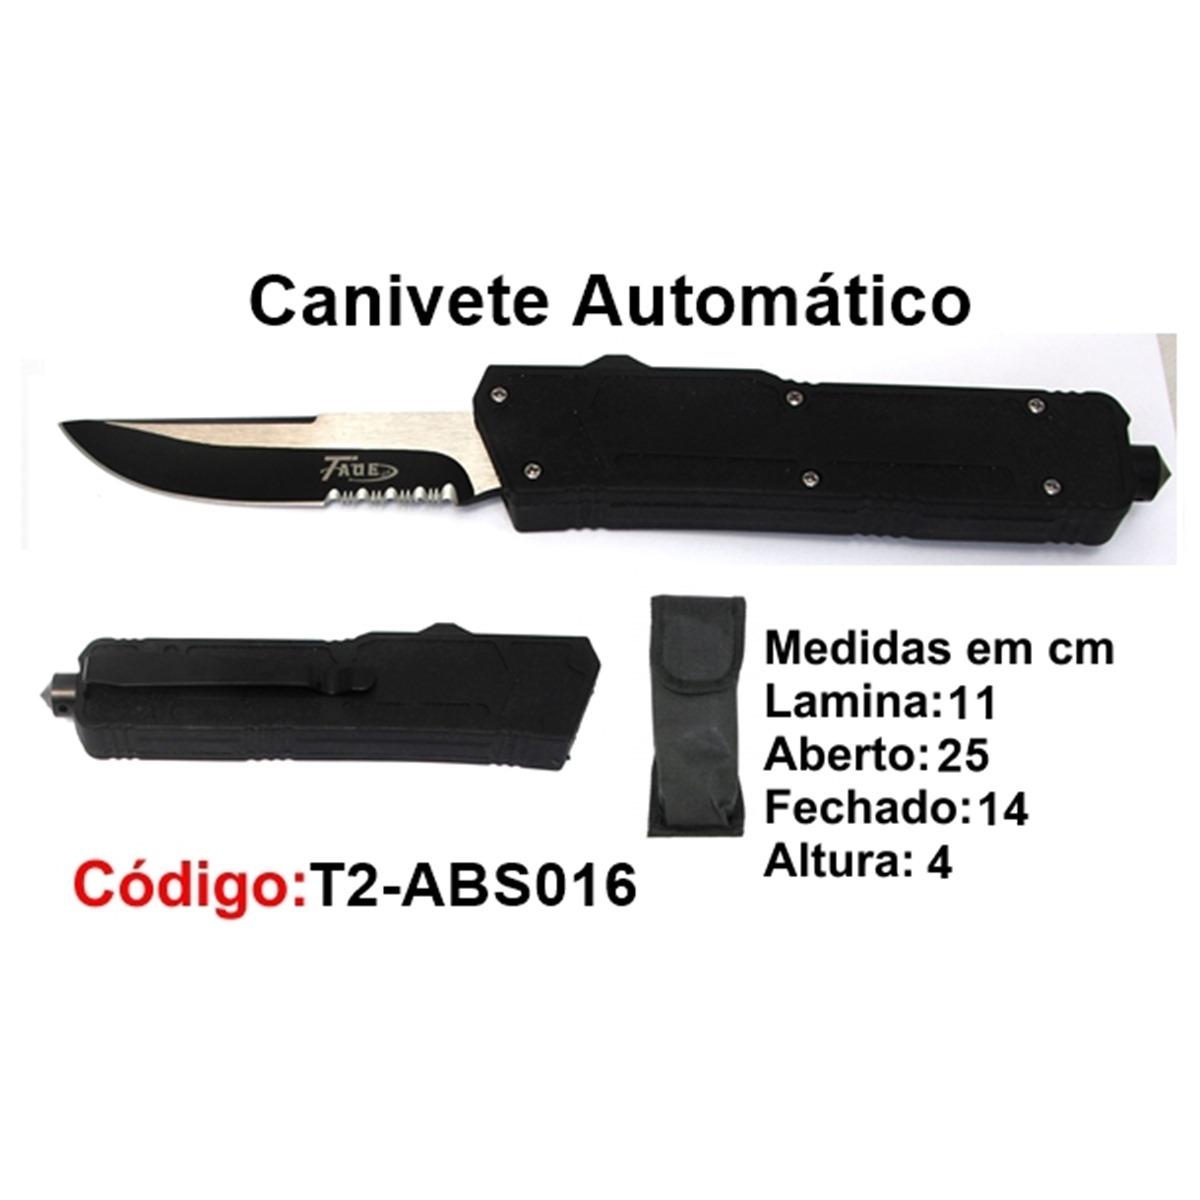 Canivete Esportivo Caça Pesca Etc. T2-ABS016